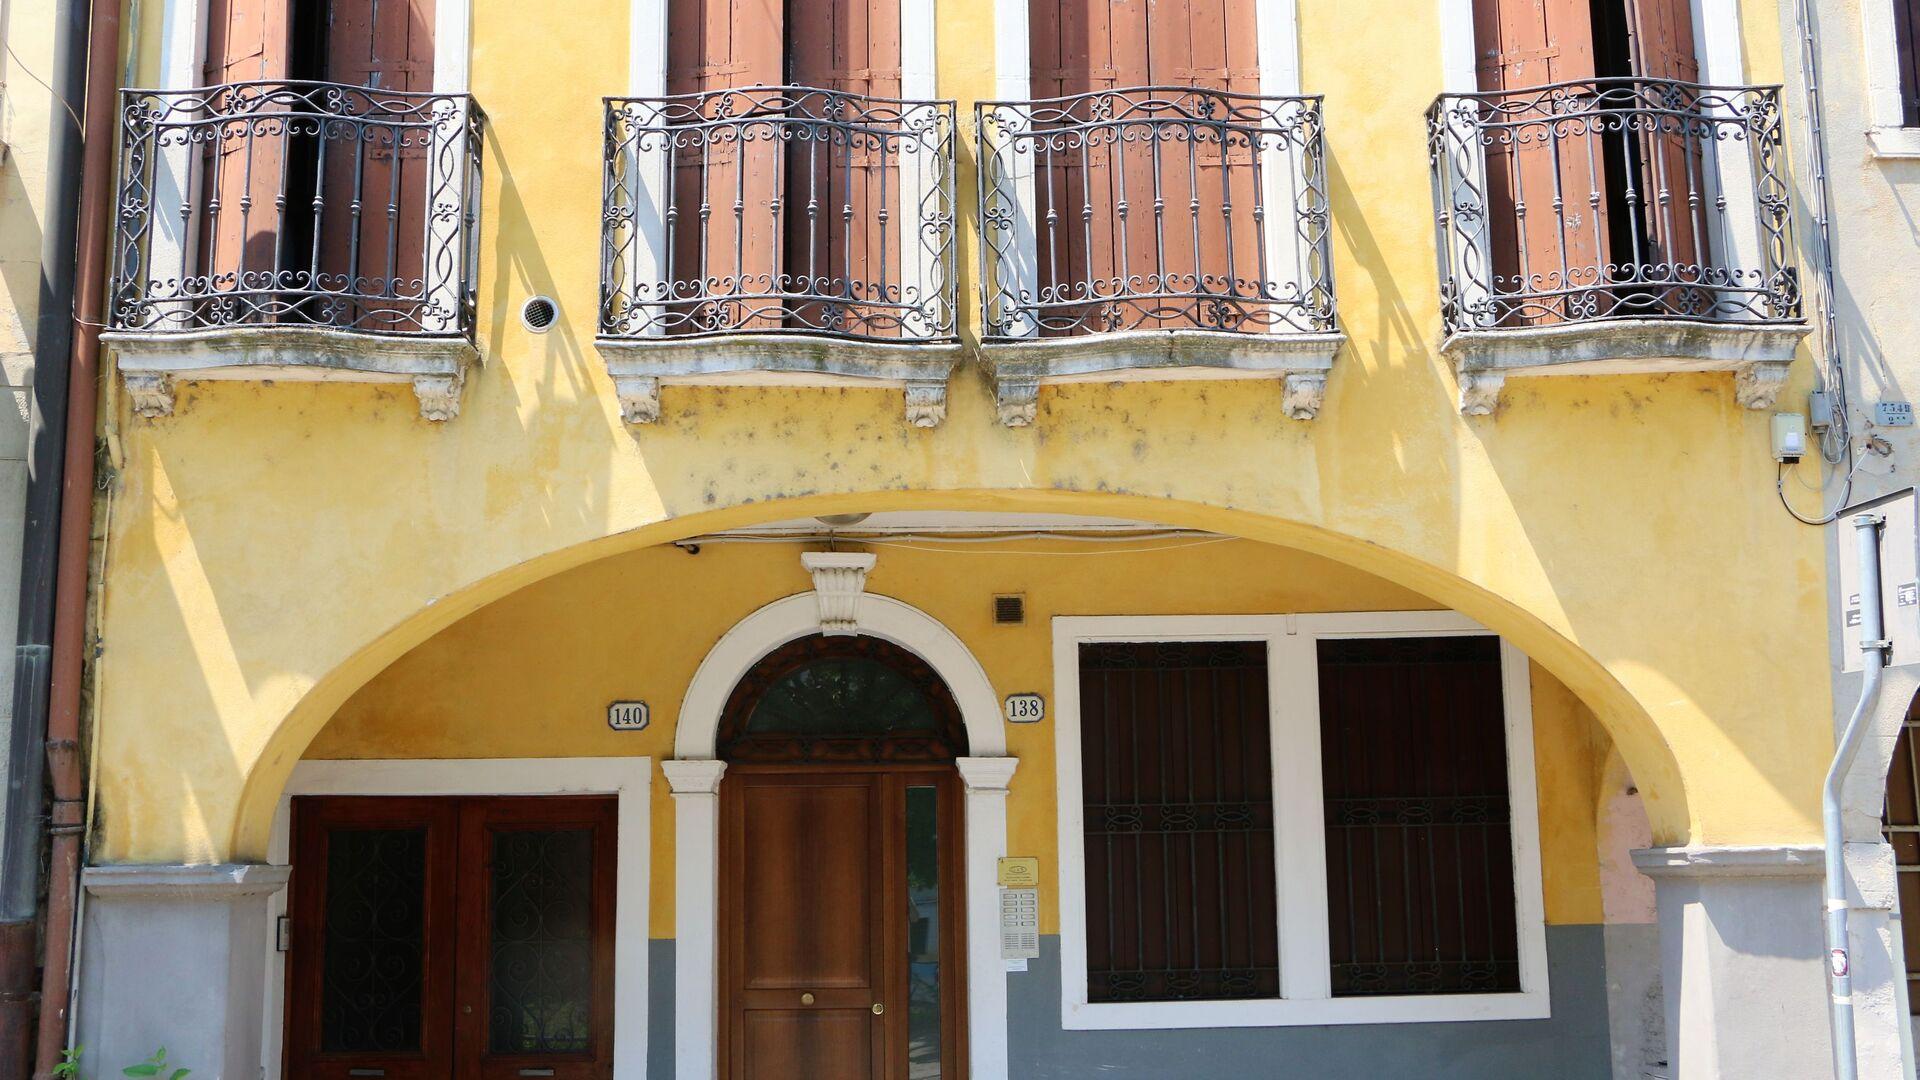 I balconi di una casa in Italia - Sputnik Italia, 1920, 06.06.2021